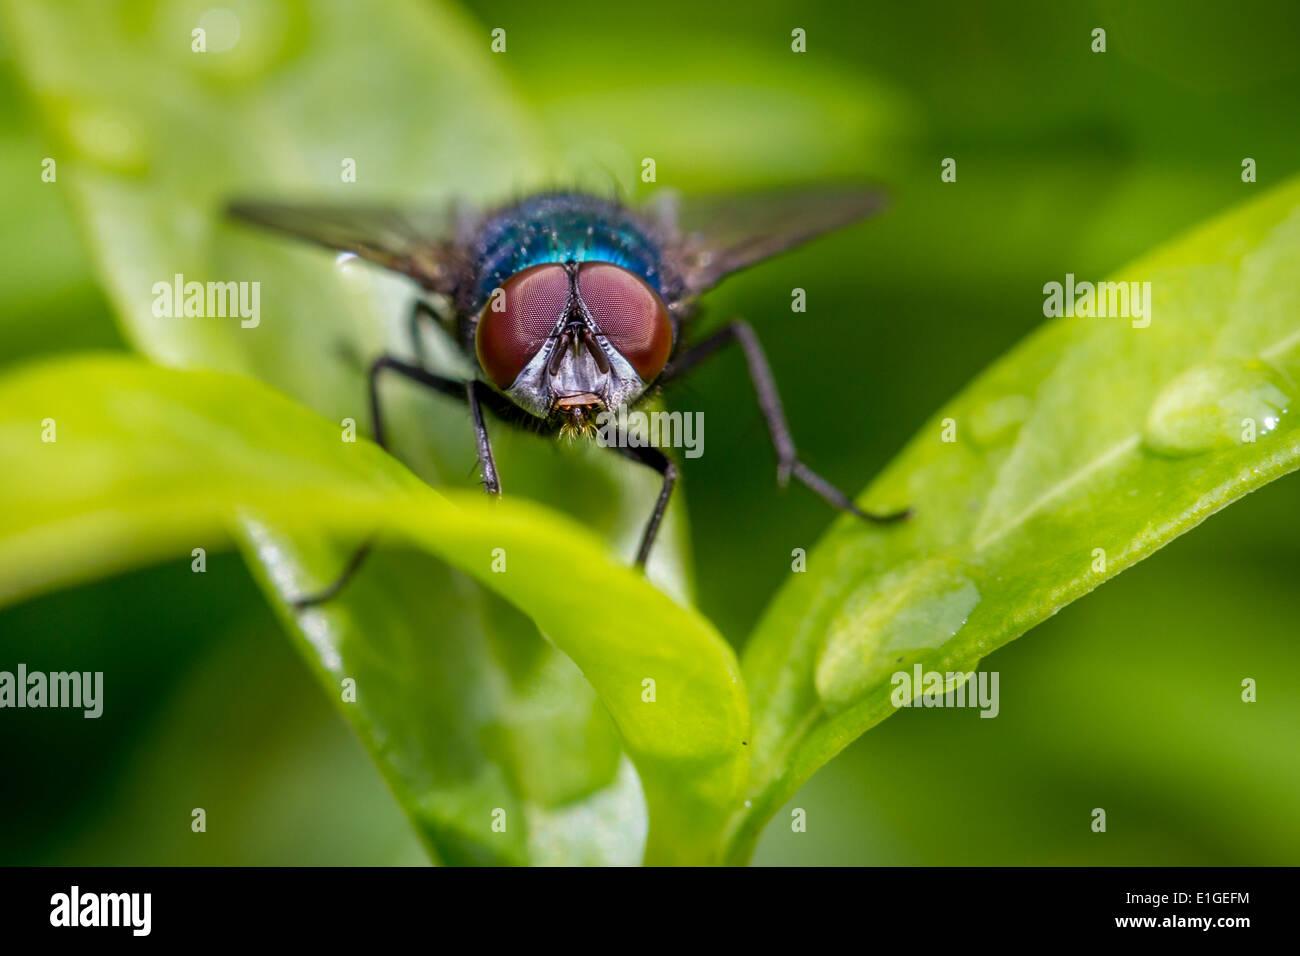 wildlife - Calliphora vomitoria bluebottle fly on leaf, UK - Stock Image